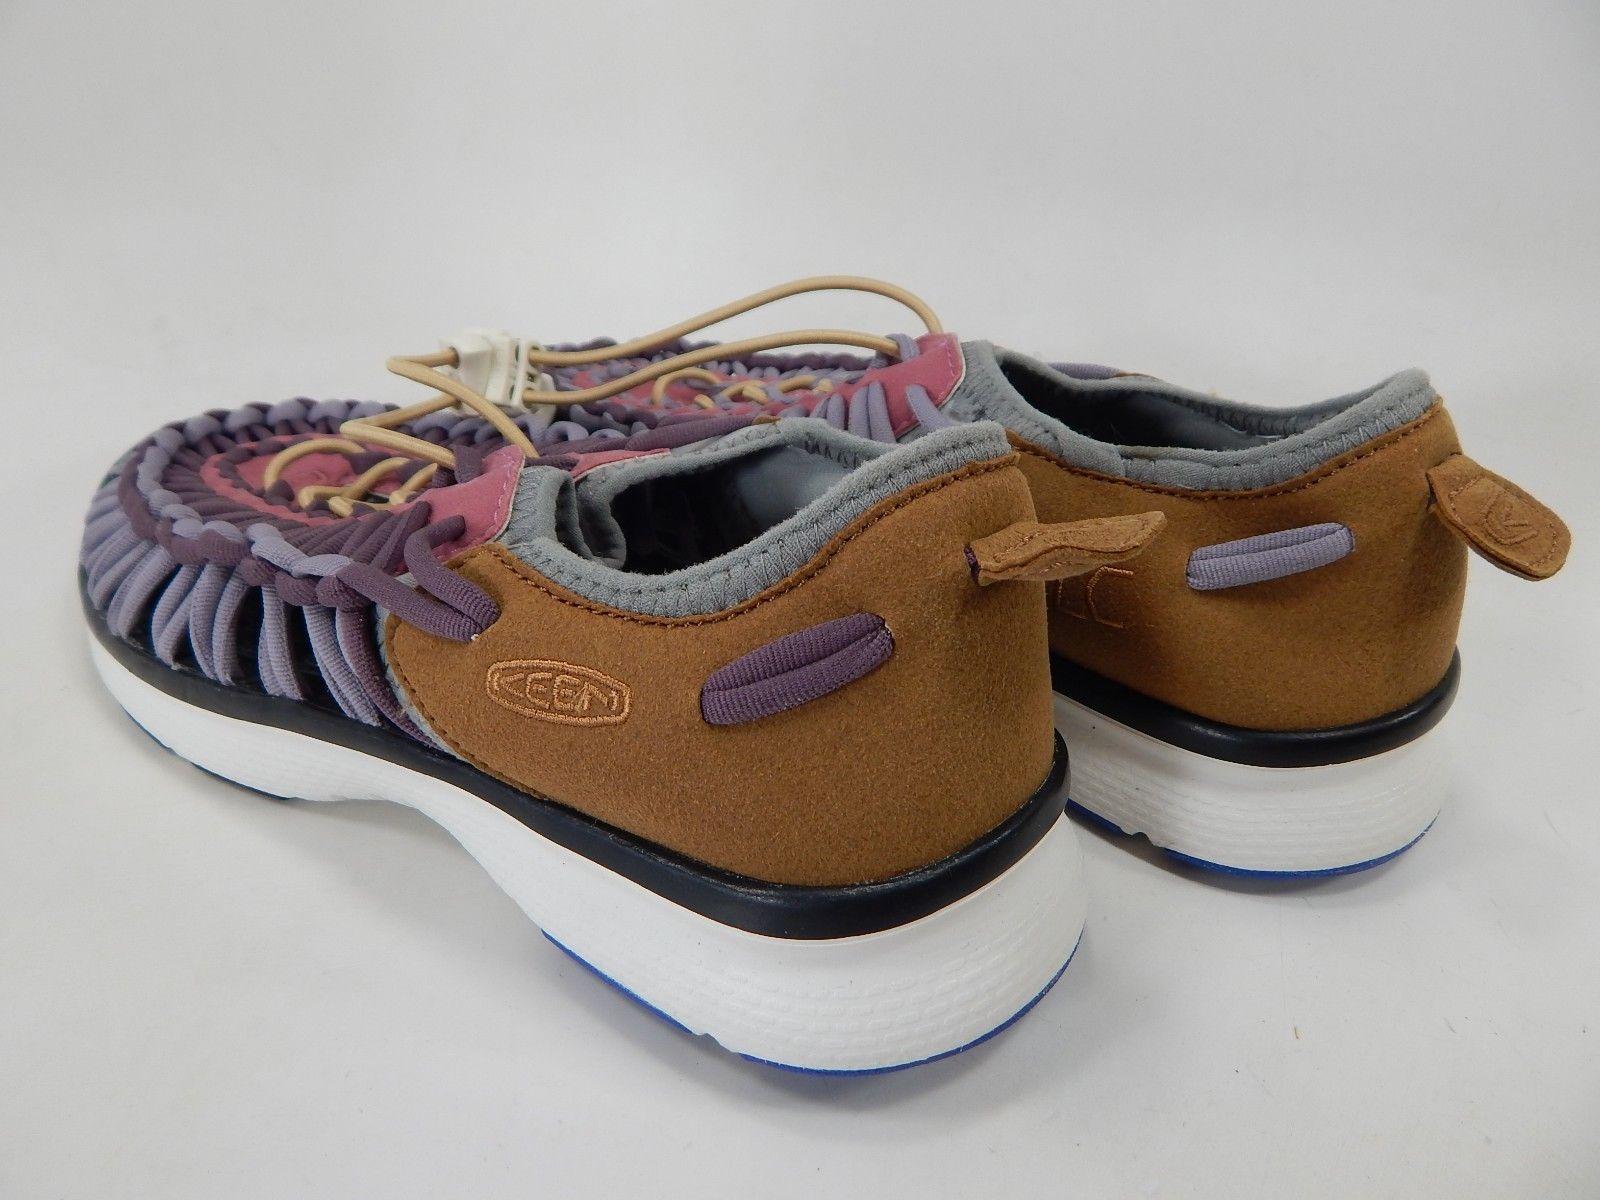 Keen Uneek o2 X Alexander Lee Chang Size 7 M (B) EU 37.5 Women's Sport Sandals